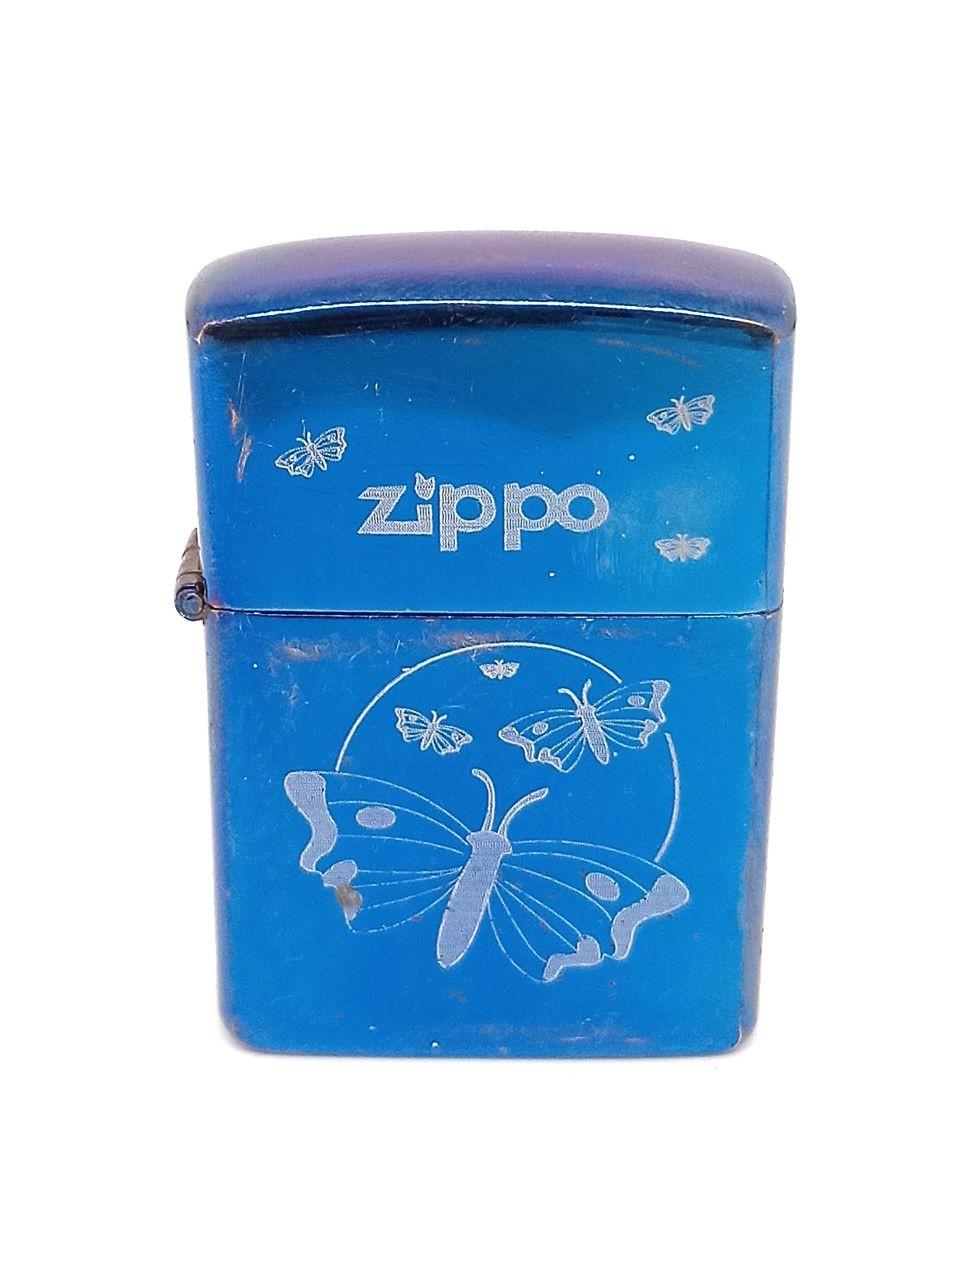 ZIPPO butterfly lighter